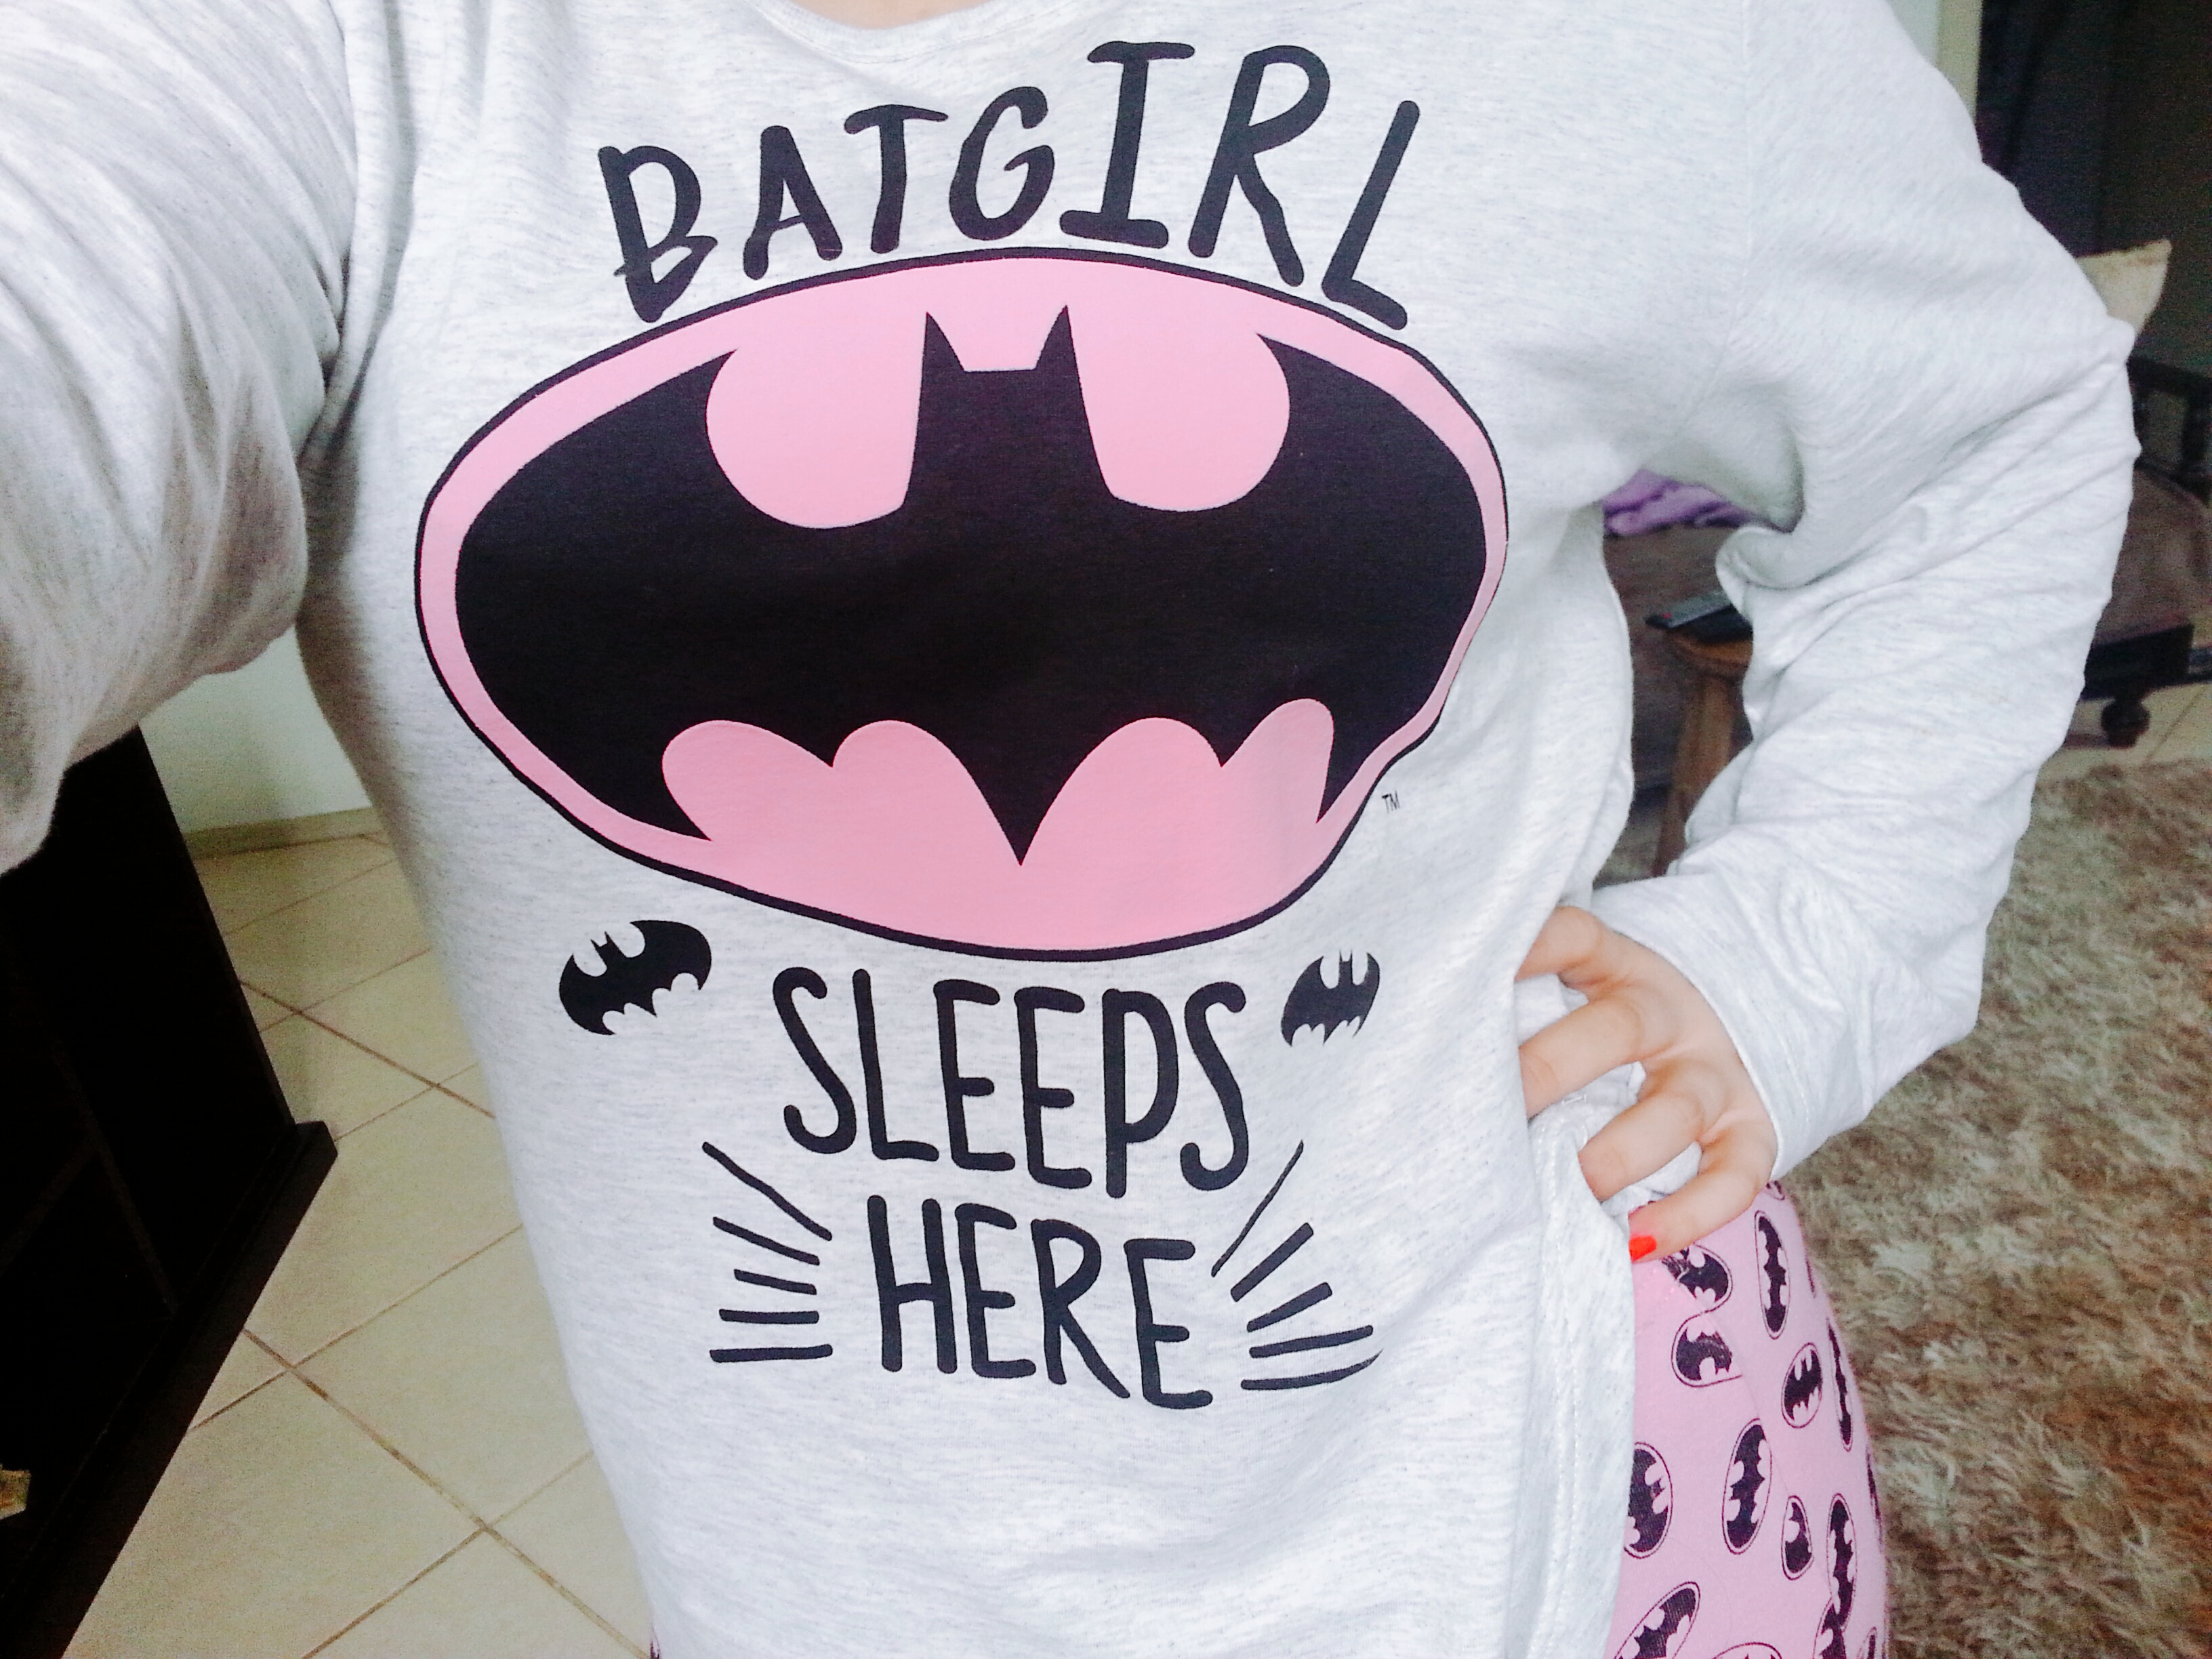 pijama da batgirl